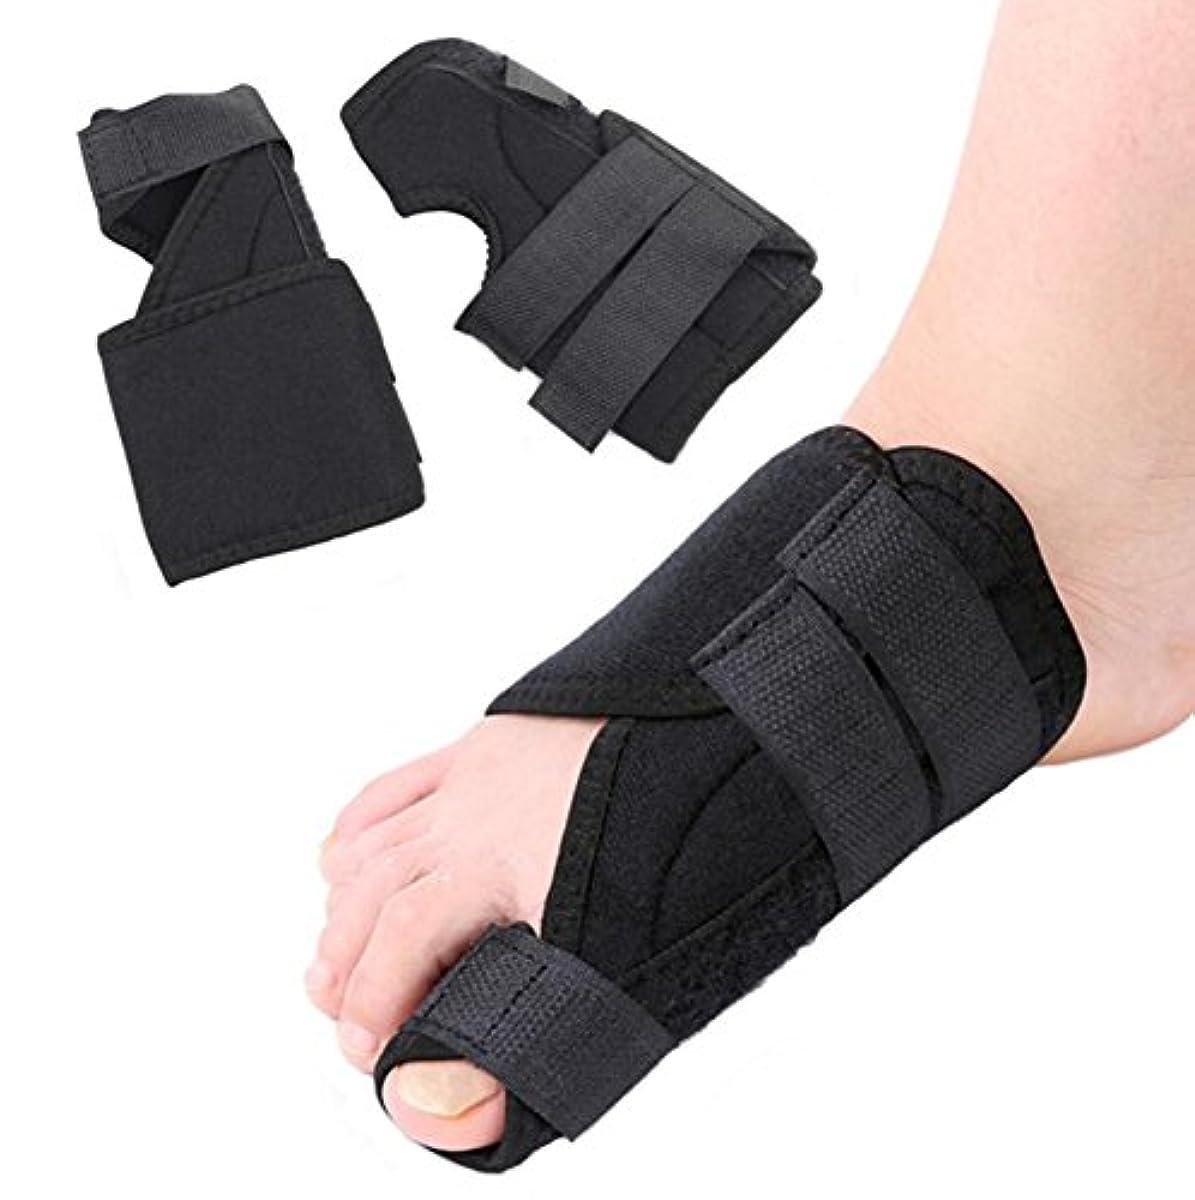 鉛単調な競争力のあるALSYIQI 2 PCS外反母趾足矯正ベルトコンフォート調整外反母趾補正フィット前足バンド